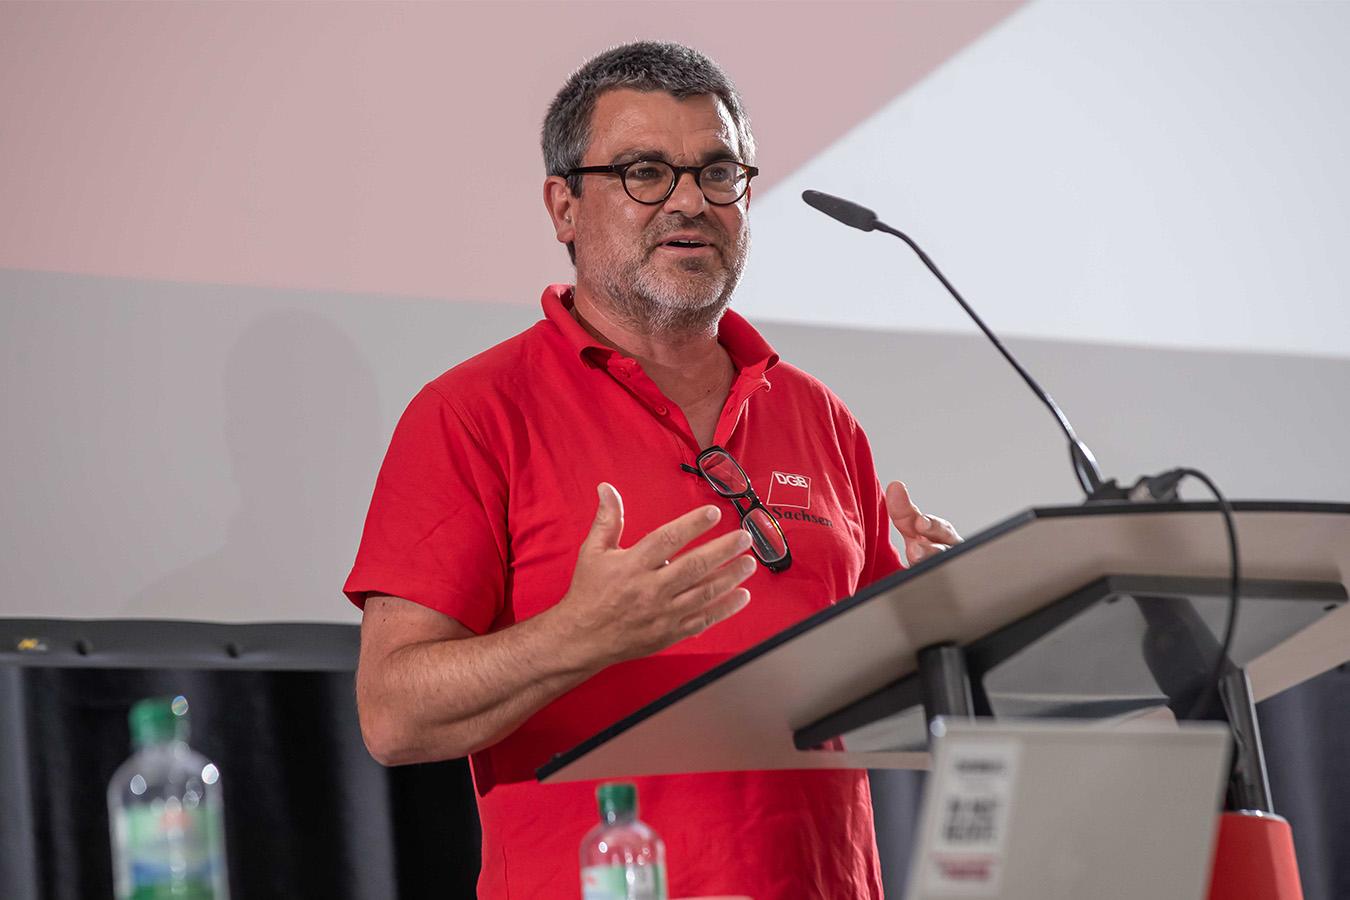 Ralf Hron spricht ins einer Funktion als Gewerkschaftler